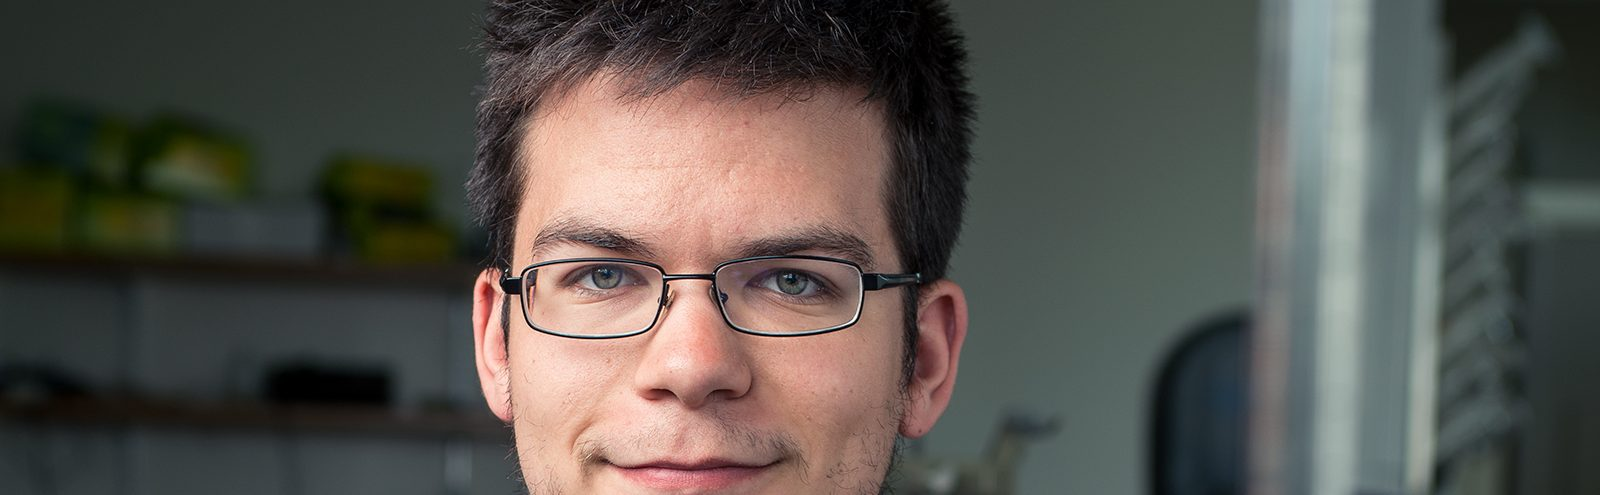 Northland student Trevor Bennin